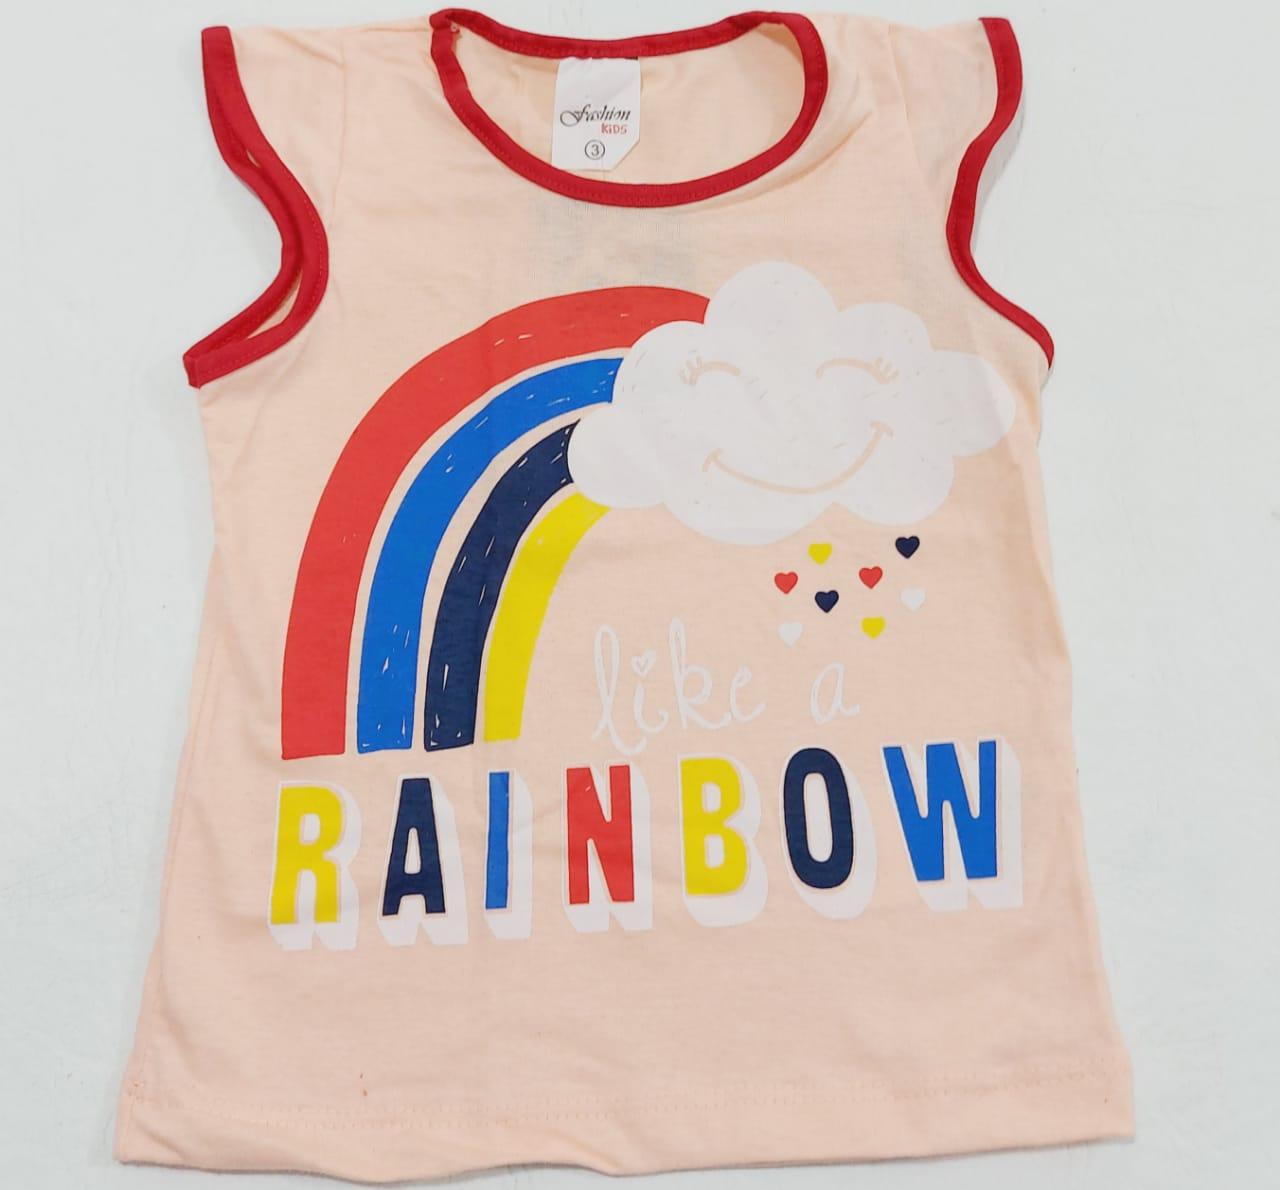 Conjunto Verão Nuvem - Camiseta E Shorts - 02 Peças - 2 à 3 Anos - Fashion Kids